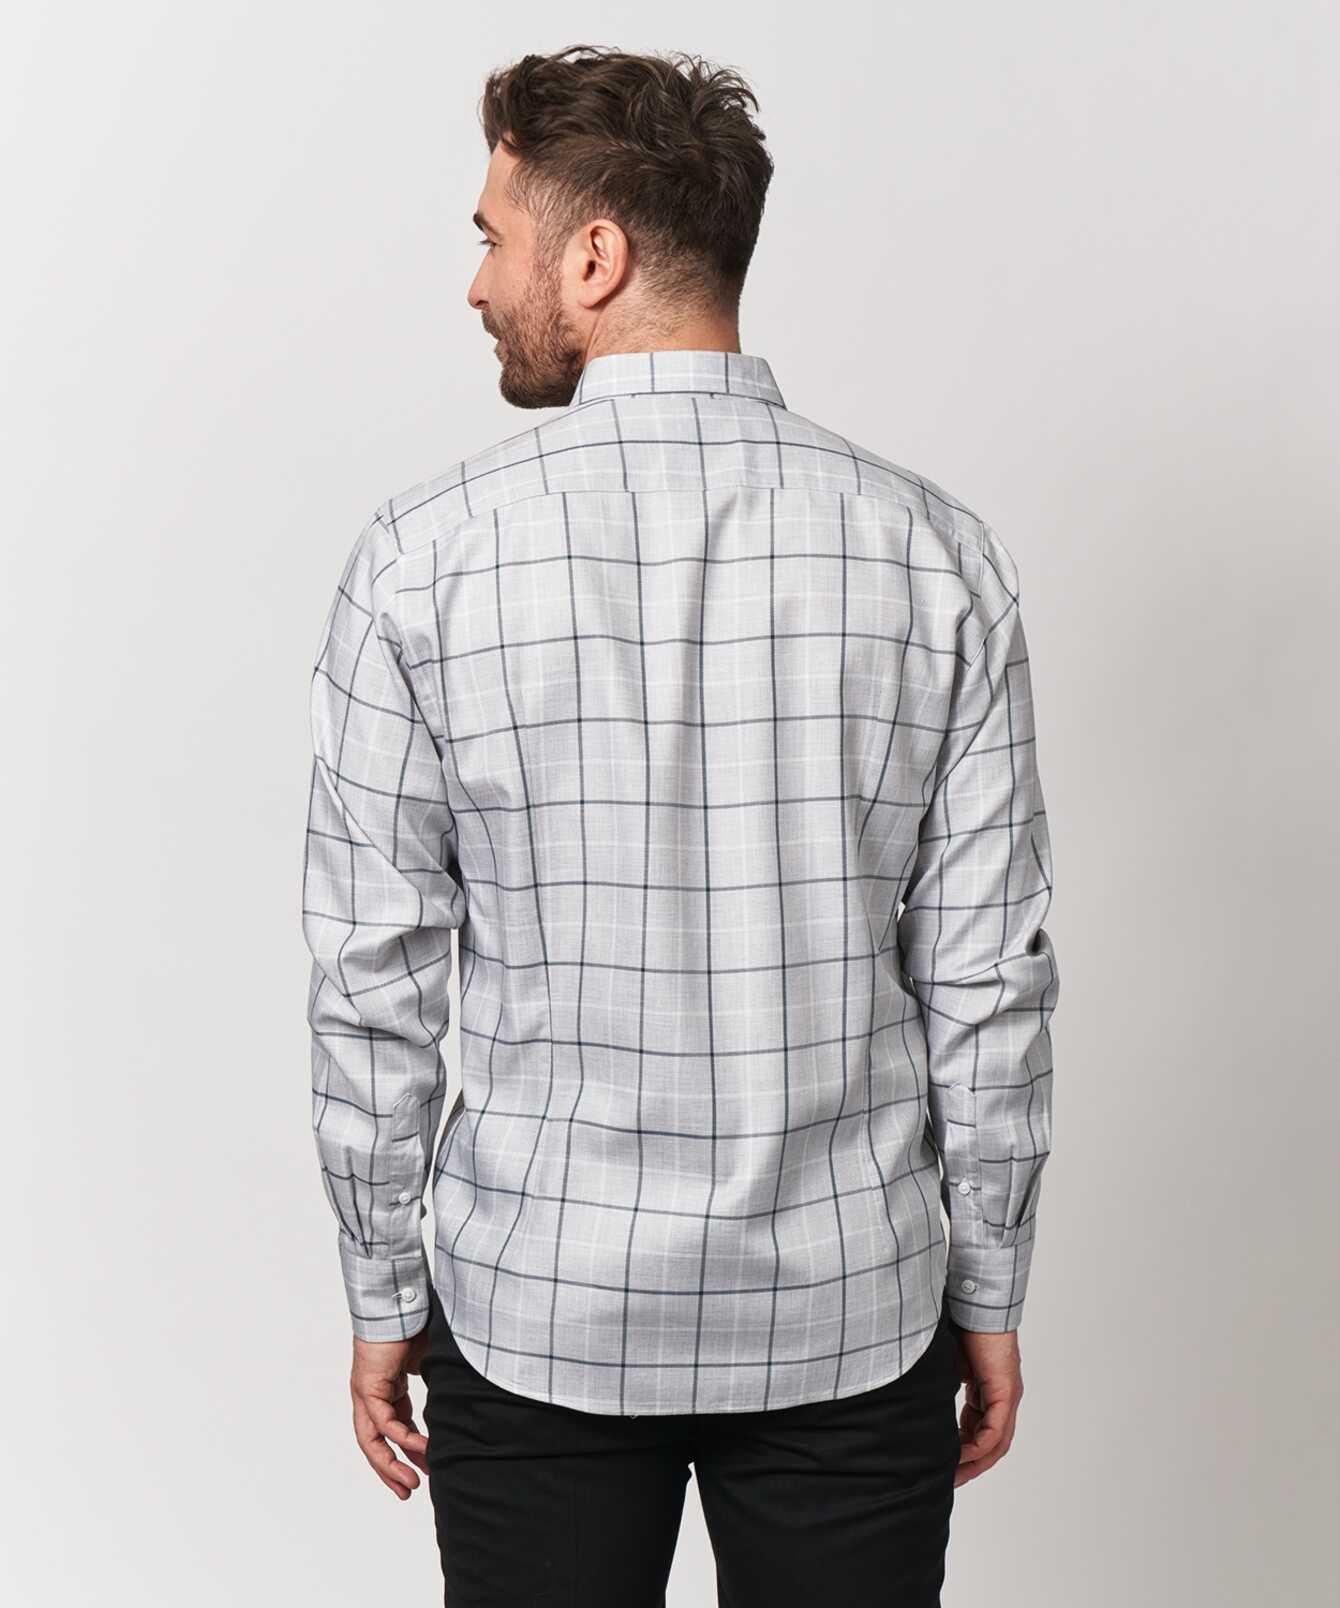 Shirt Lincoln Blå Extra Lång Ärm The Shirt Factory